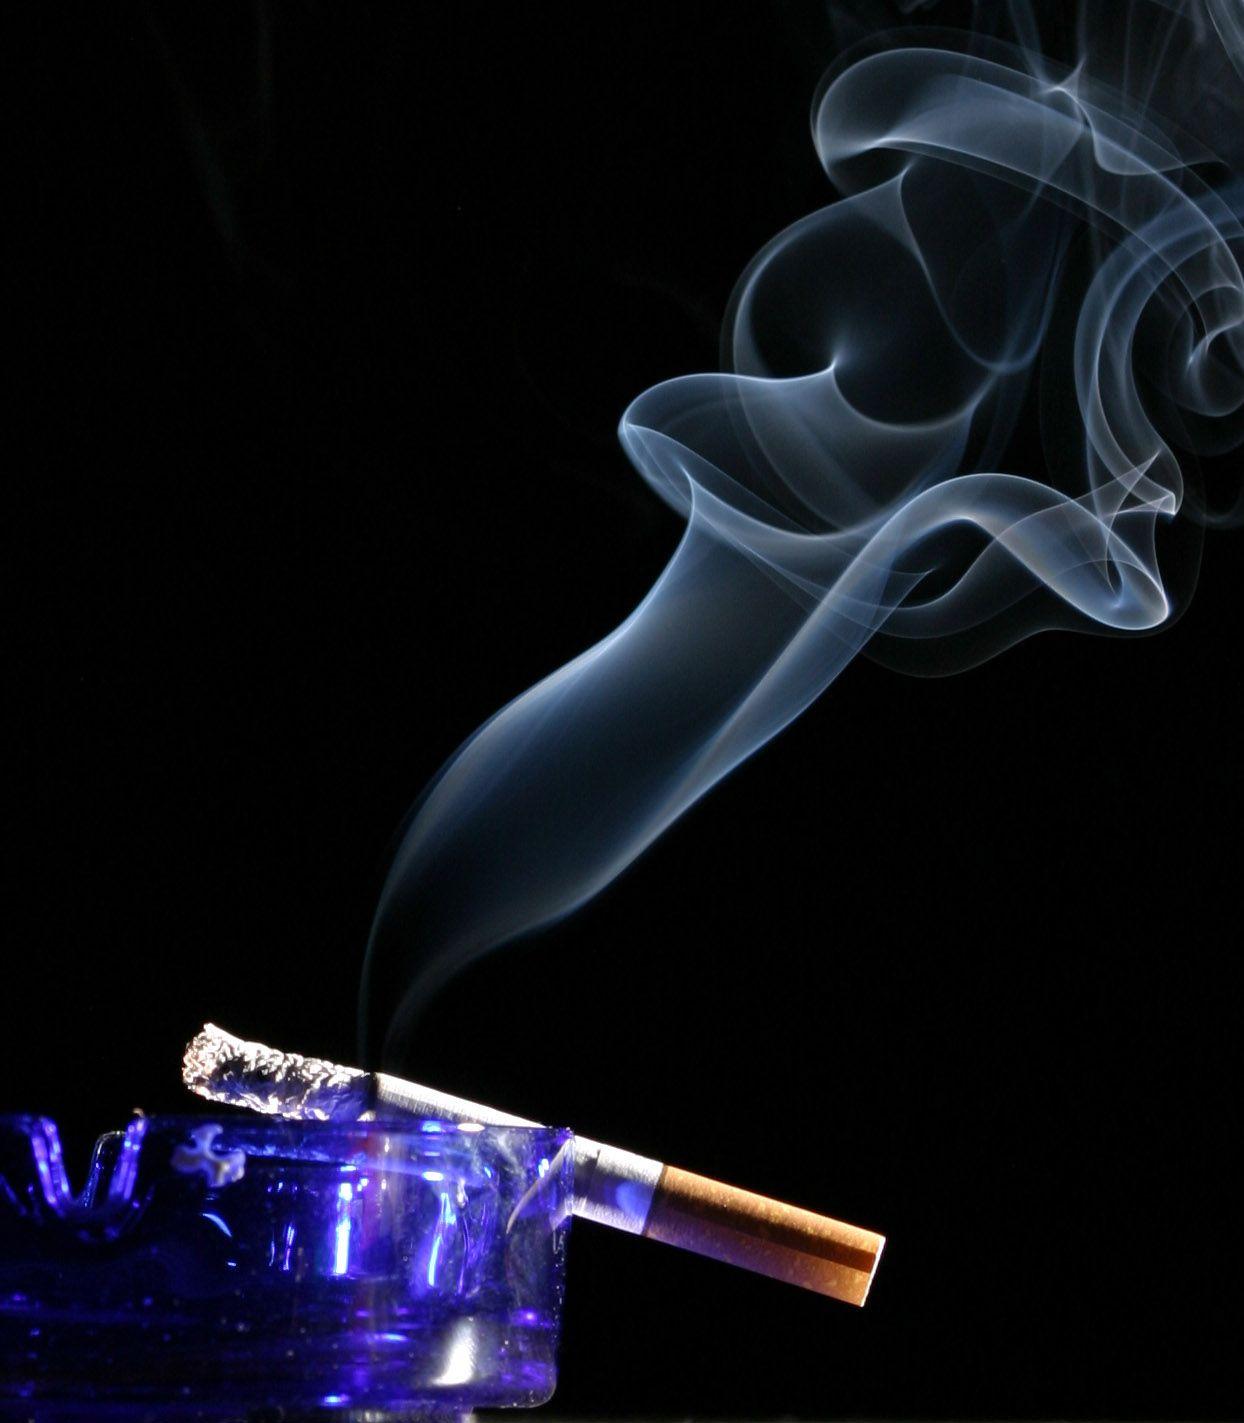 Zigarette in Aschenbecher